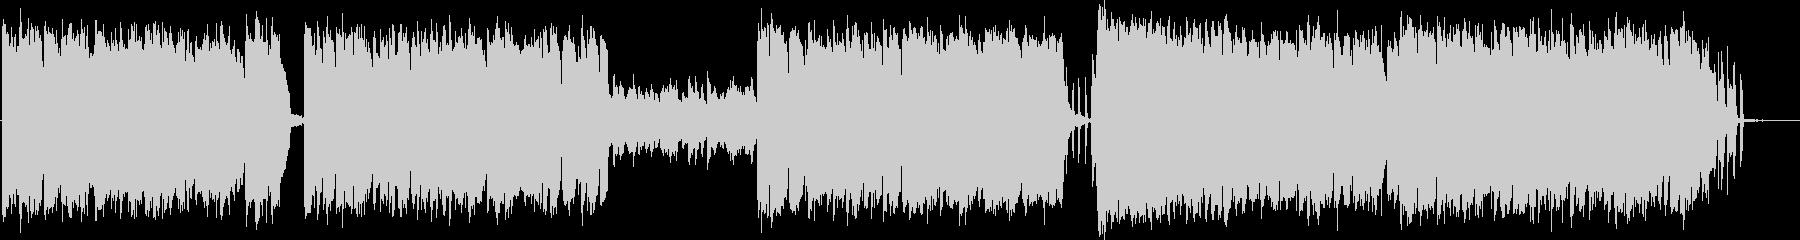 アコーディオンの民族的なケルトポップの未再生の波形